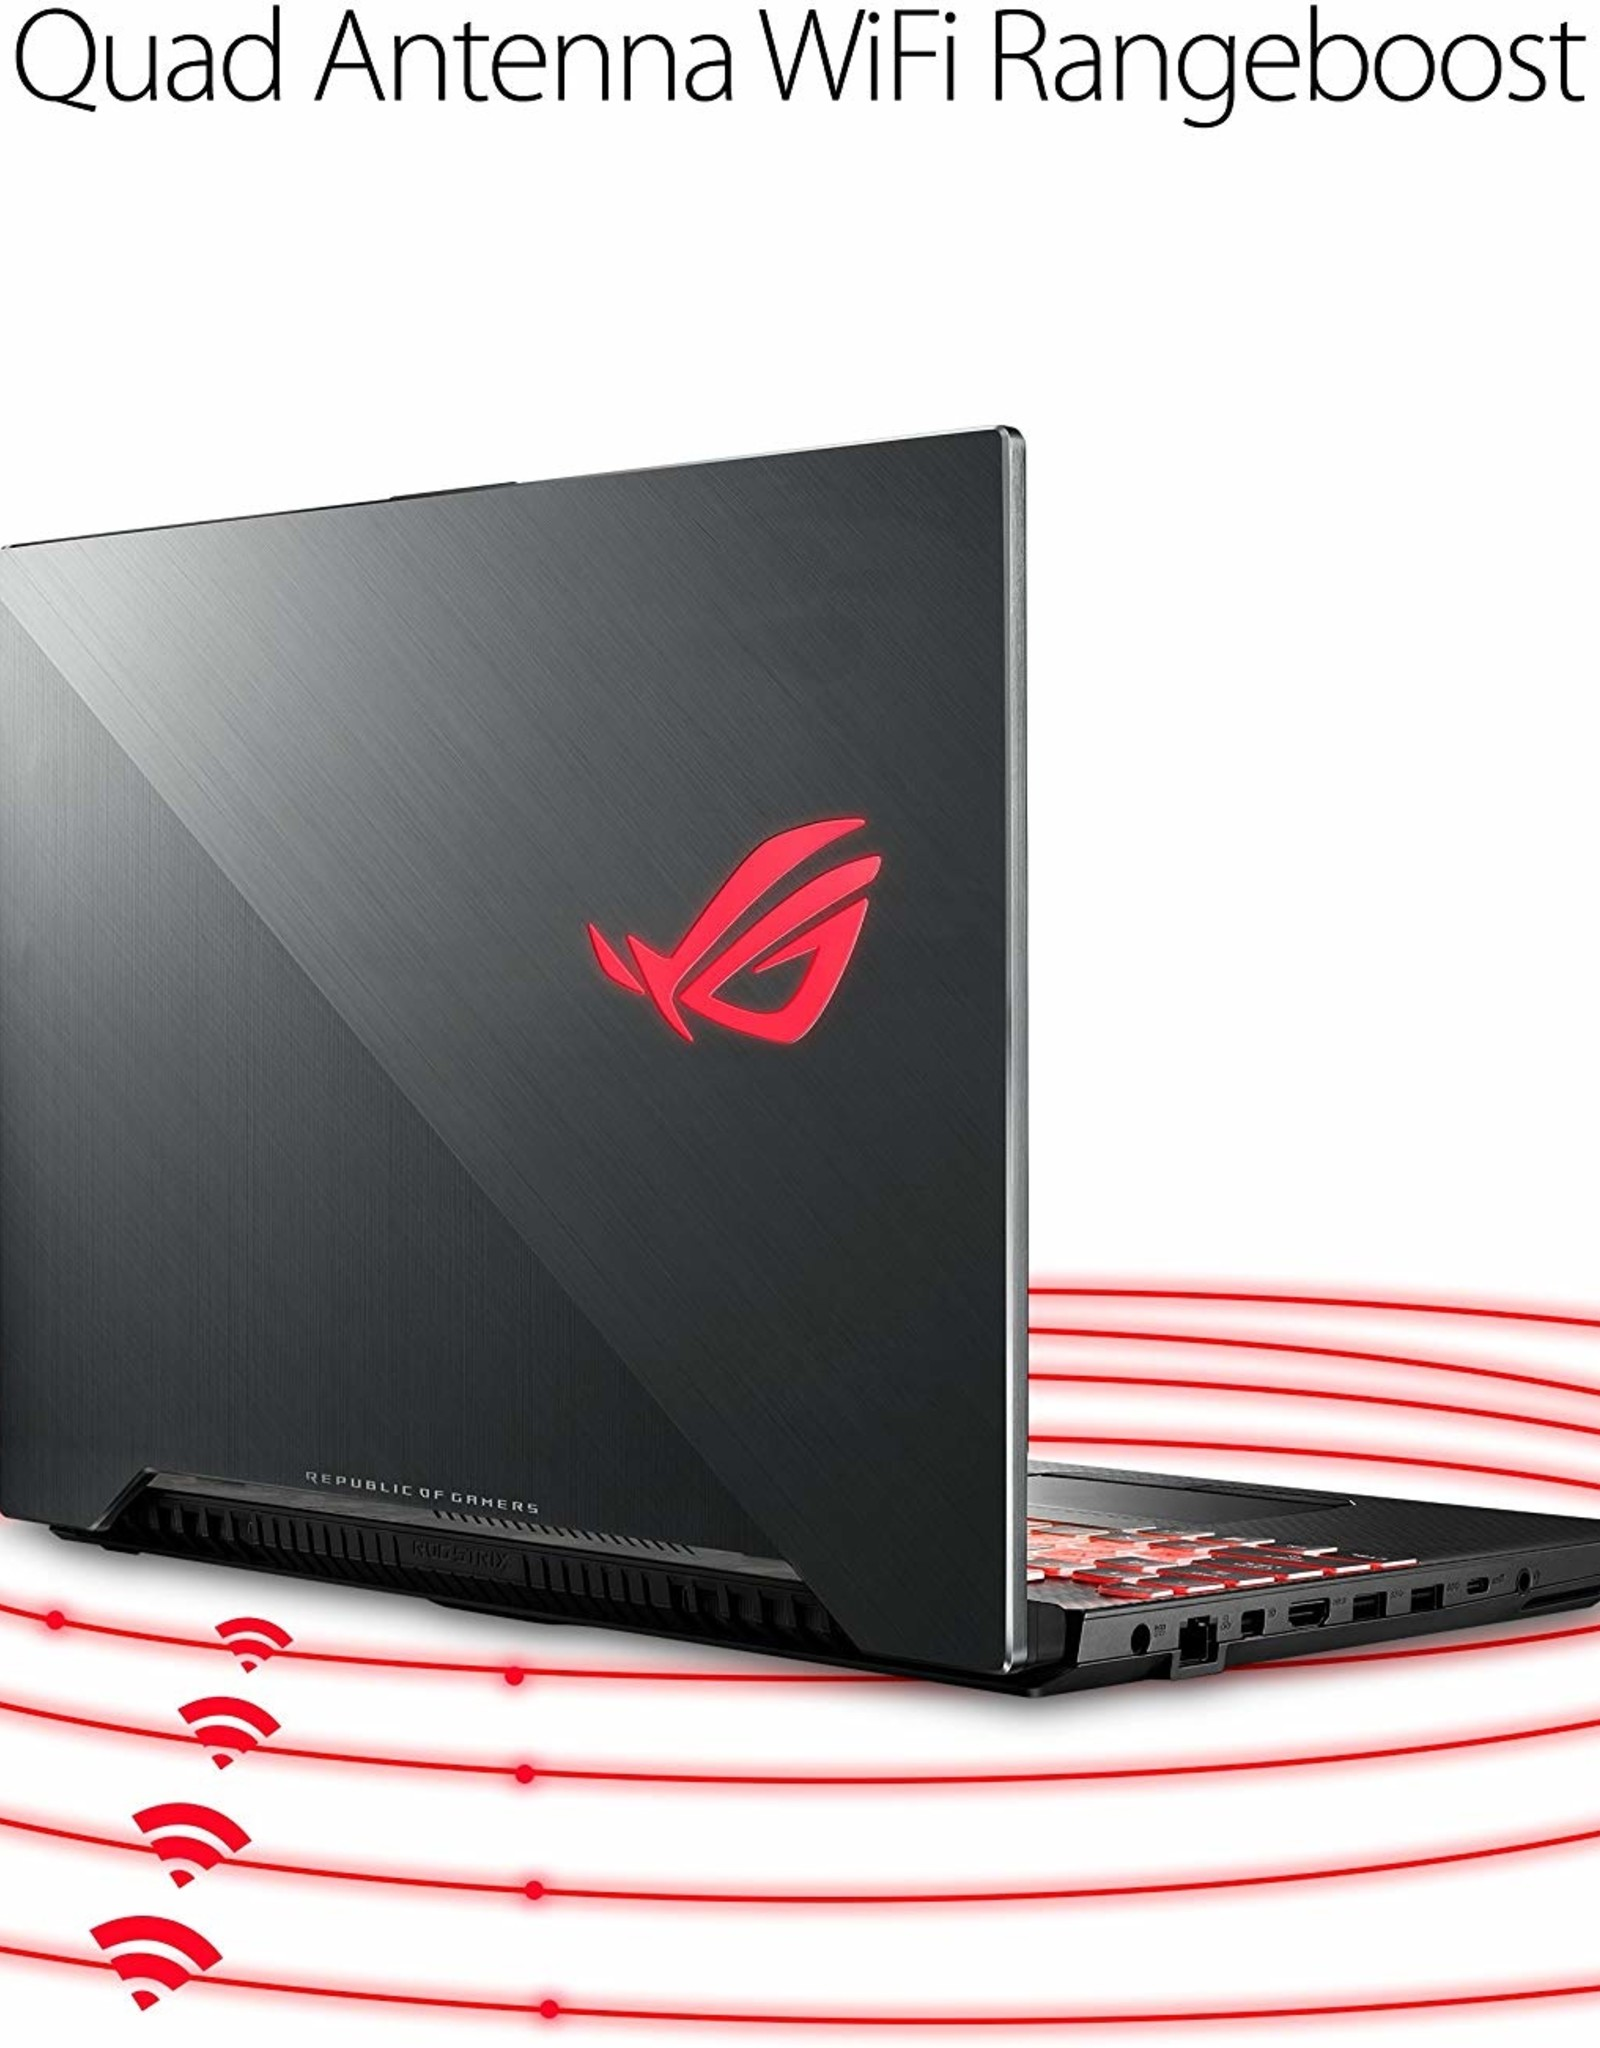 Asus ASUS | ROG Scar Edition  i7-8750H 2.2GHz 16GB DDR4 256GB SSD + 1TB SSHD 15.6 FHD GTX 1070 8GB DDR5